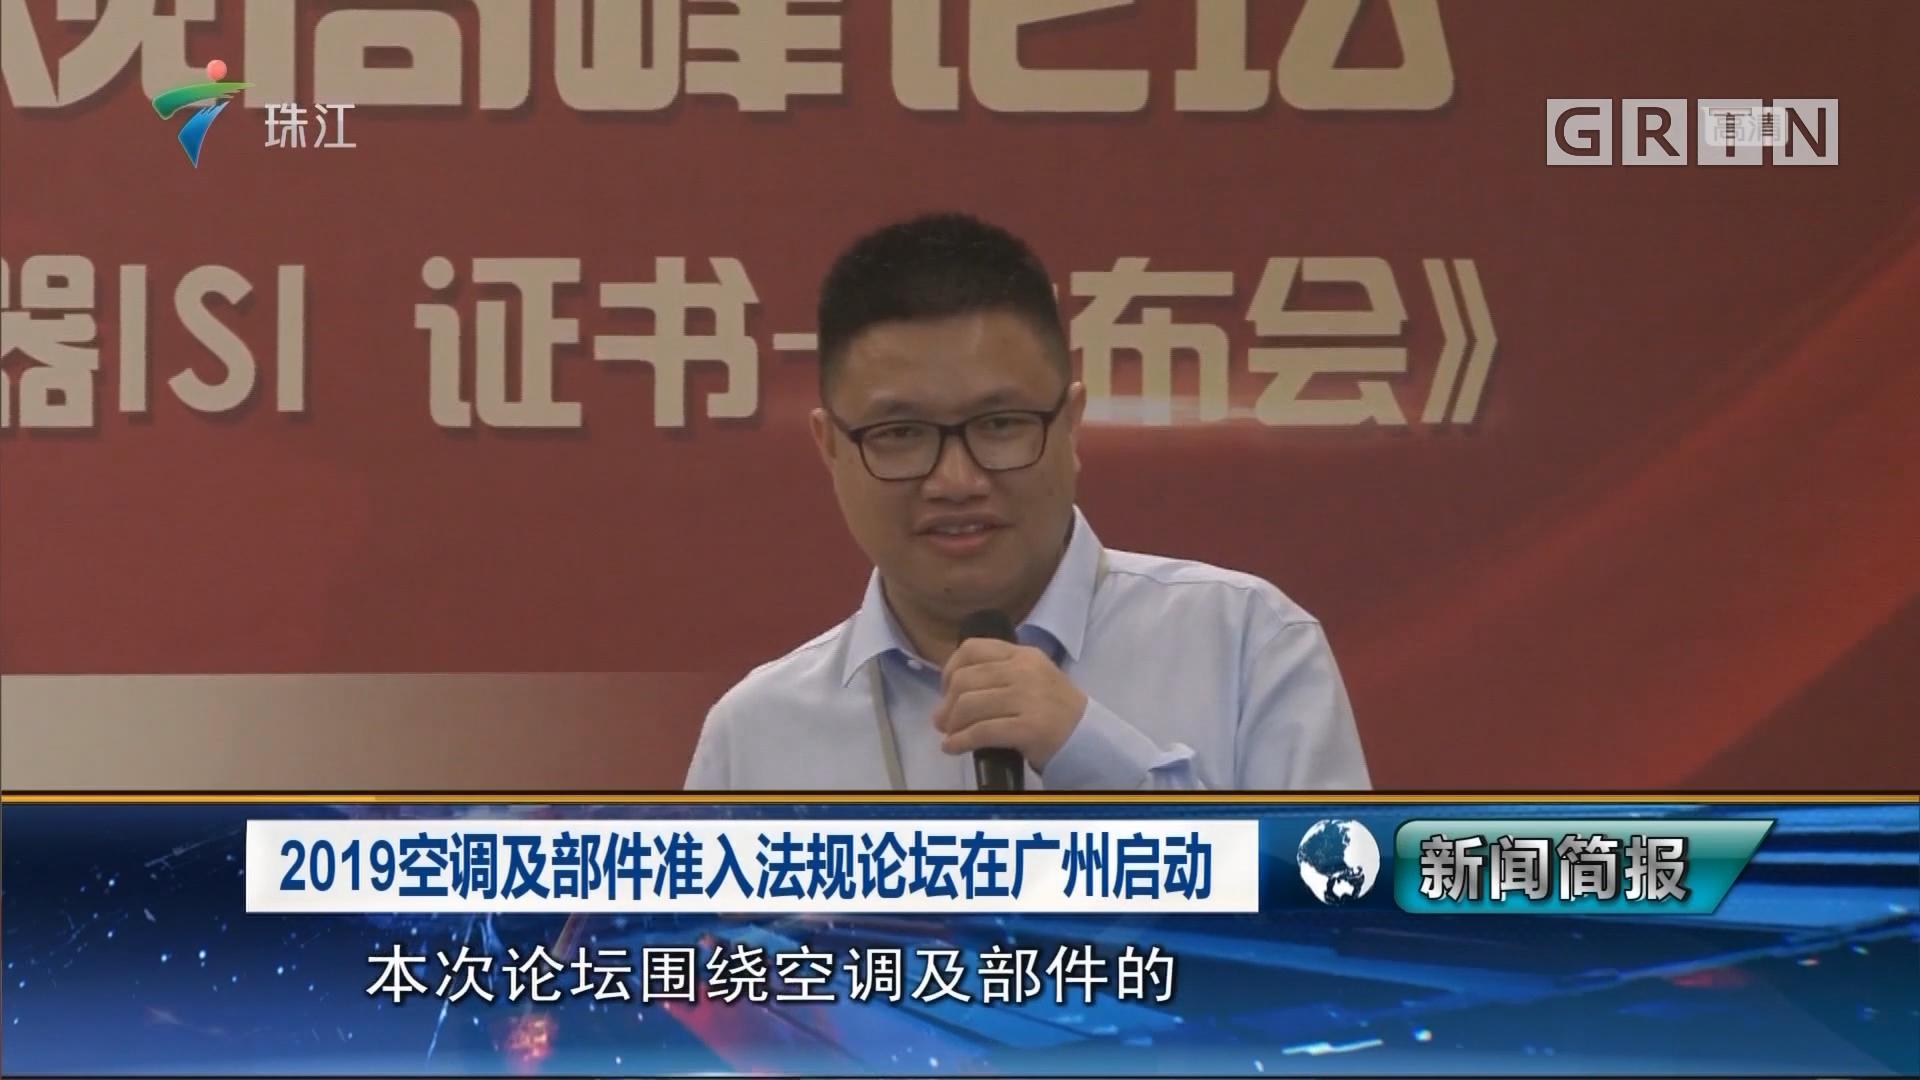 2019空调及部件准入法规论坛在广州启动